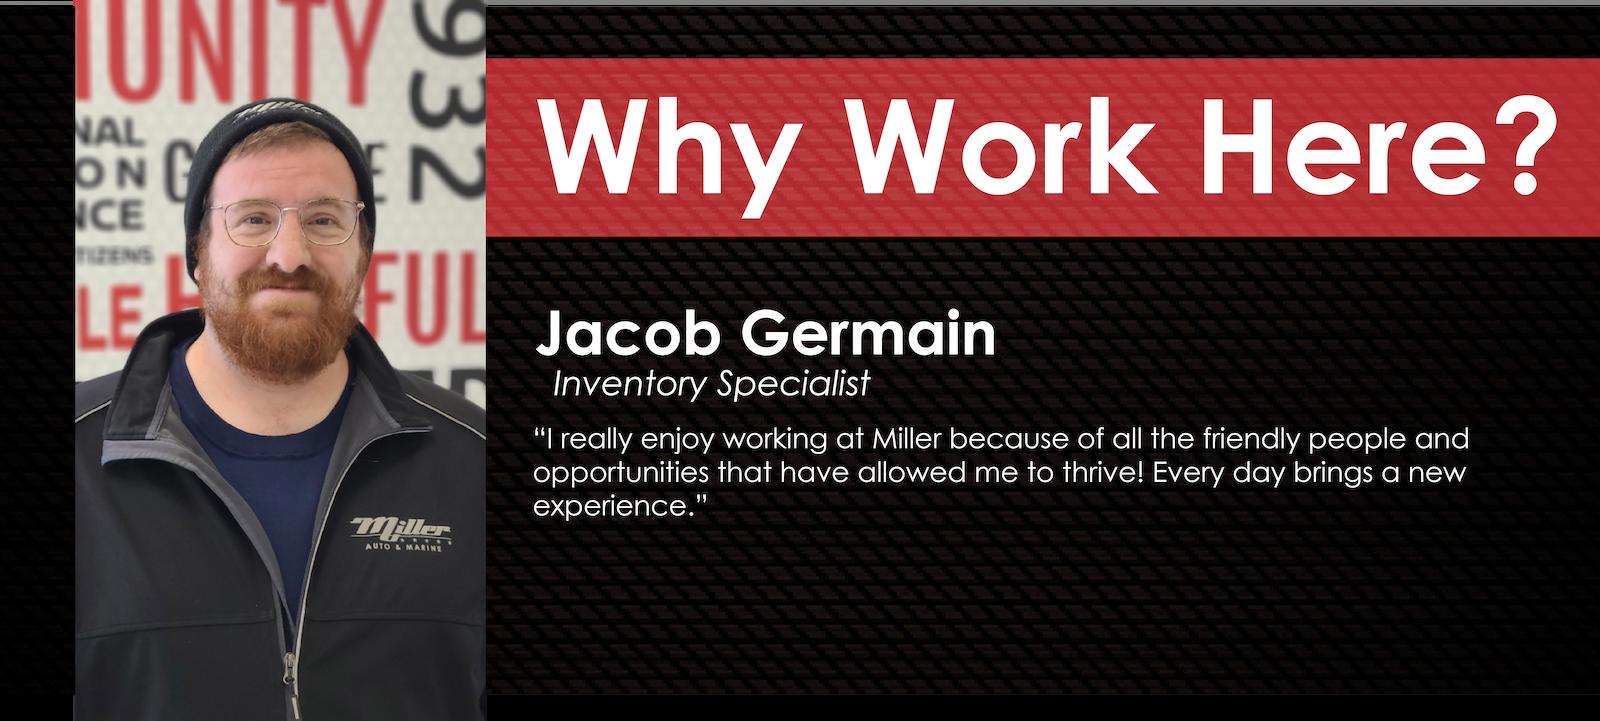 Jacob Germain